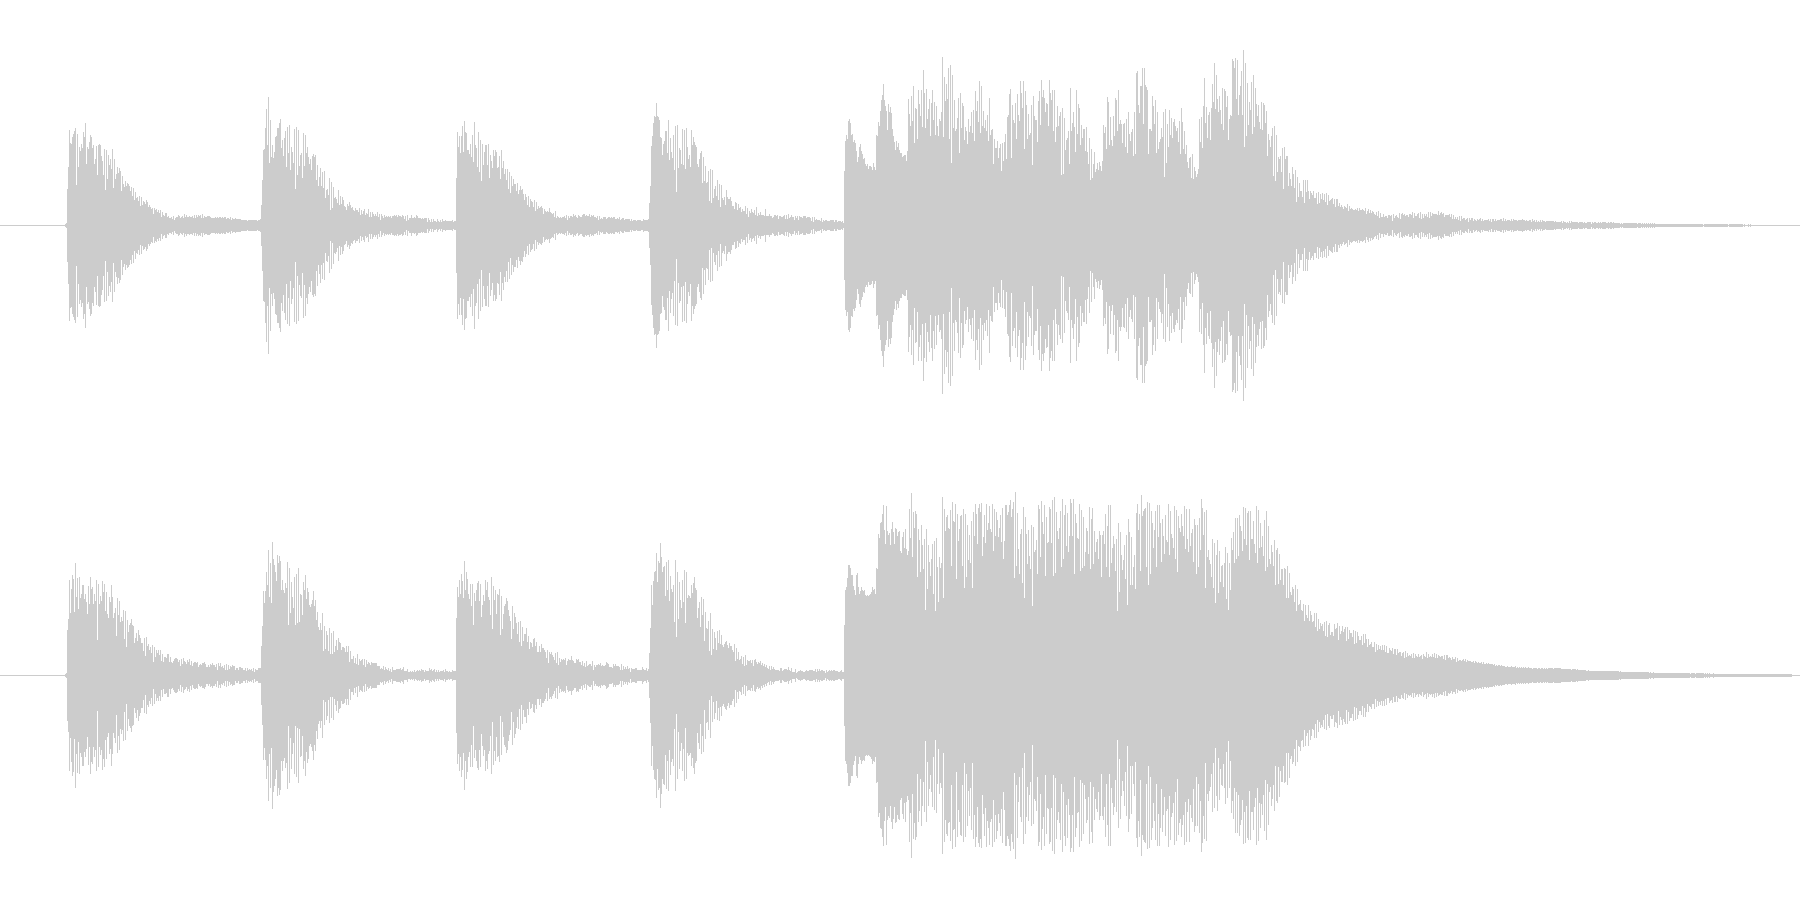 ホールトーンジングルの未再生の波形